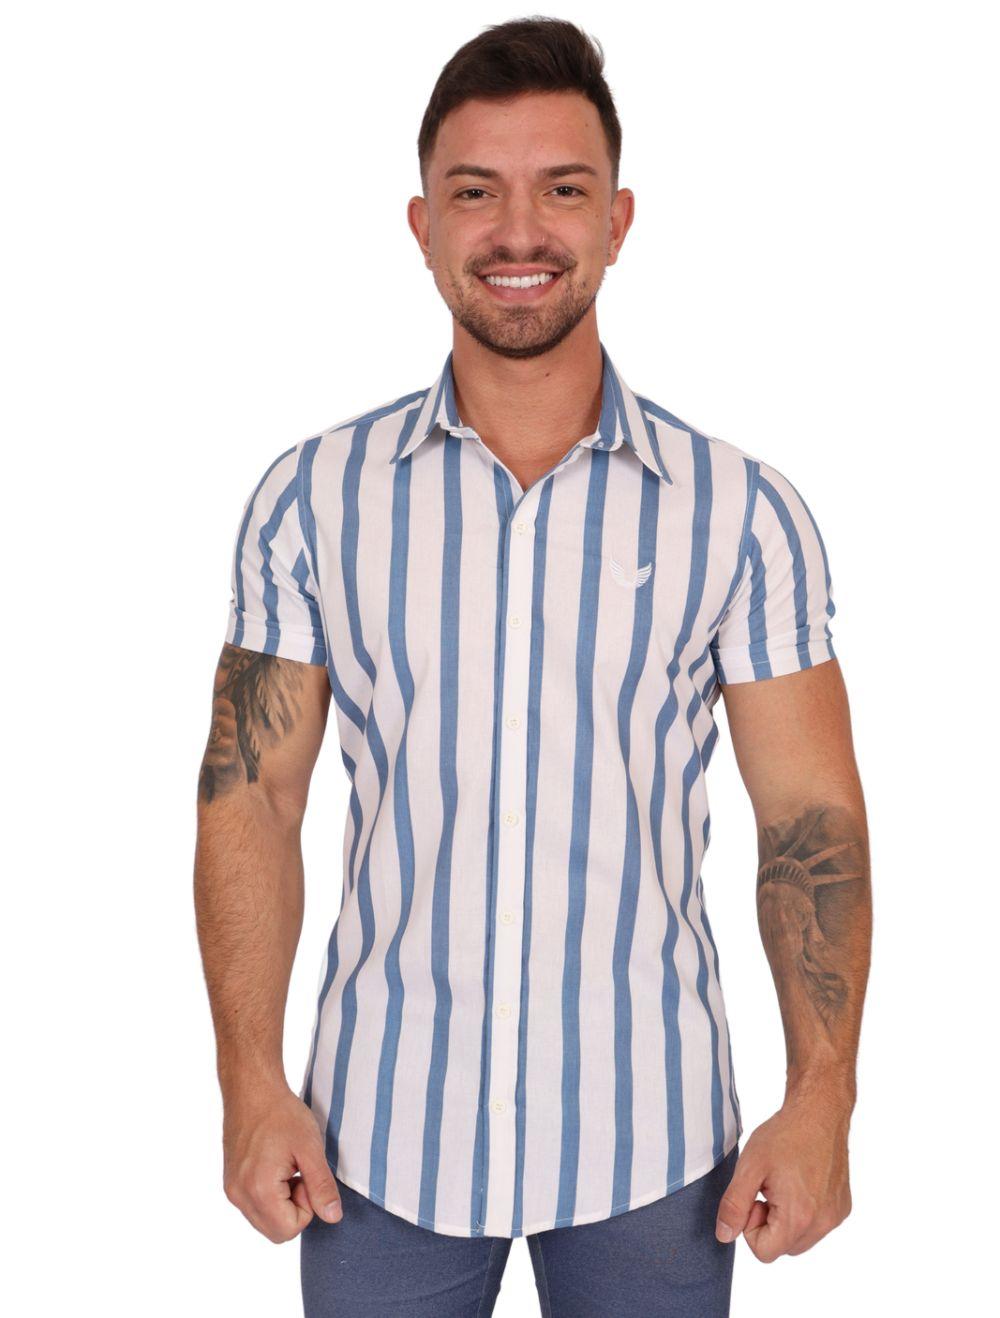 Camisa Masculina Slim Manga Curta em Tricoline Azul/Branco